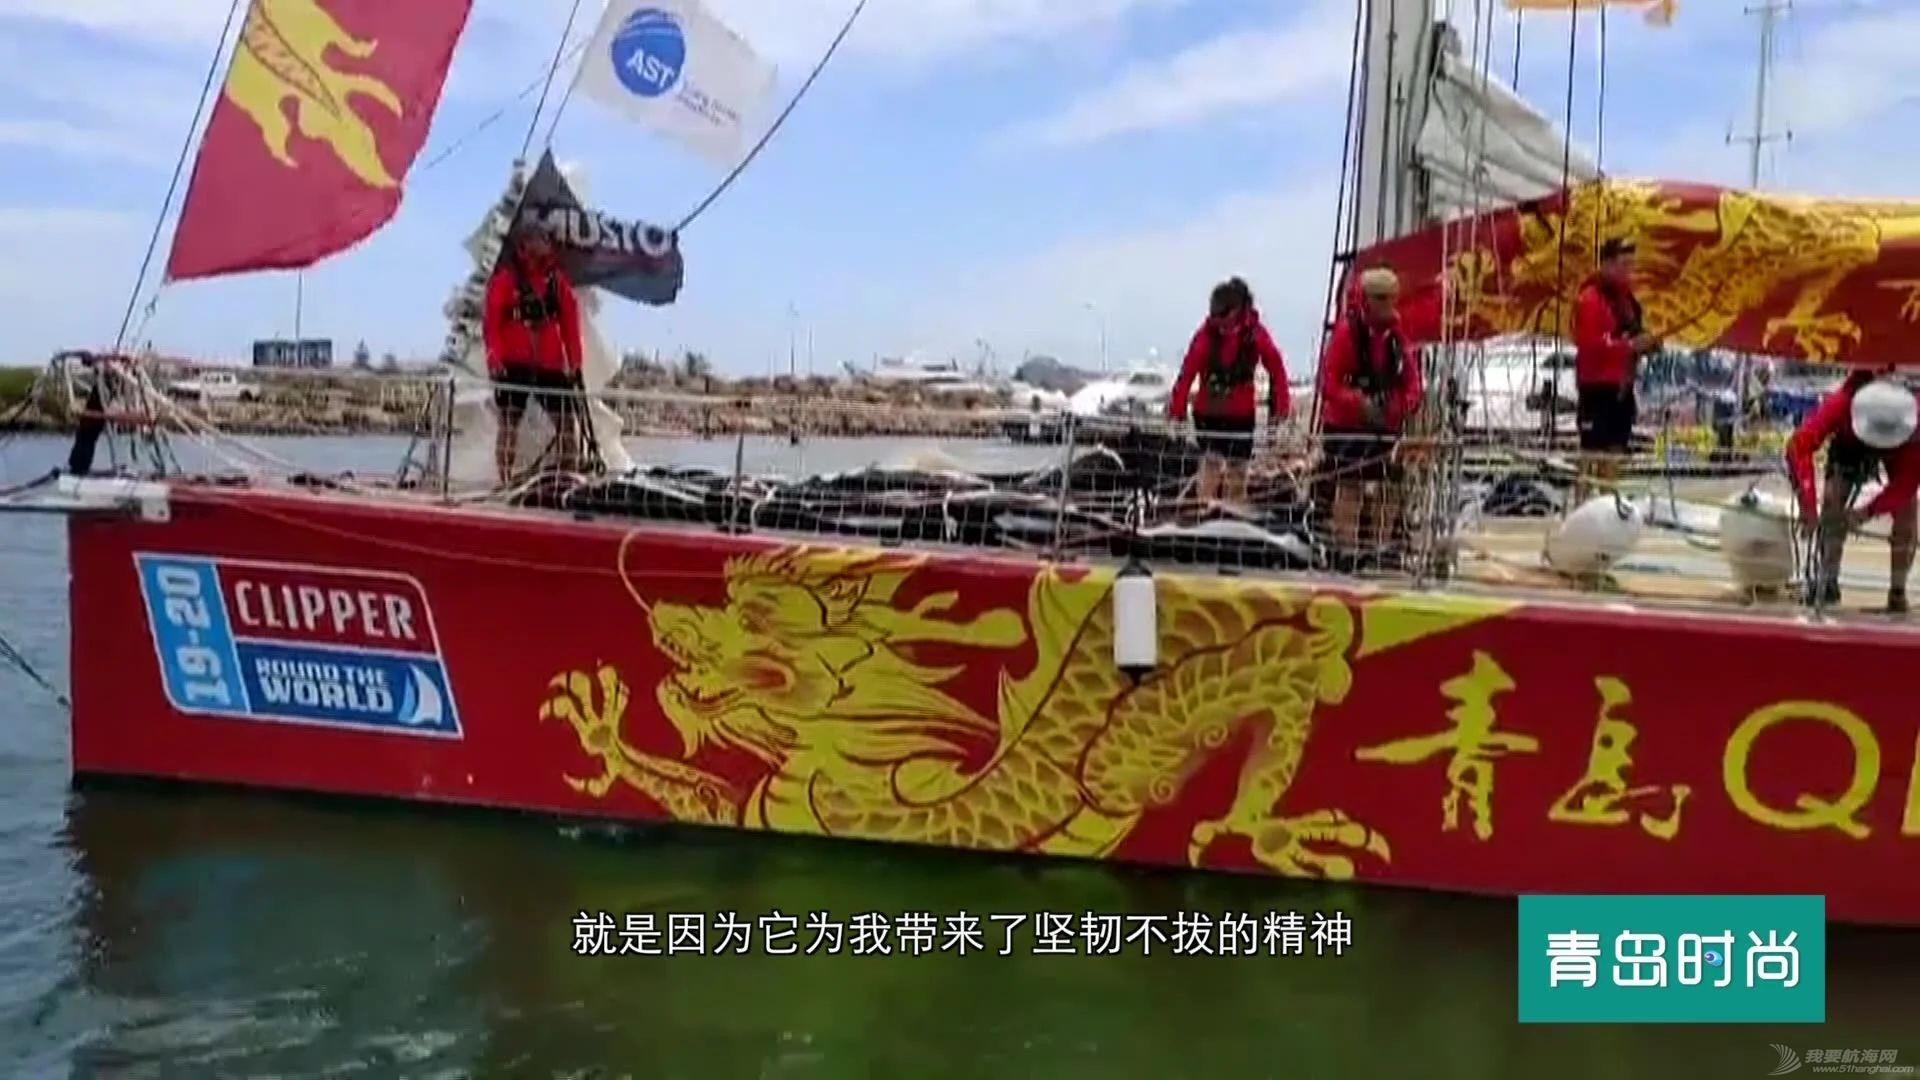 二次参加克利伯环球帆船赛:听青岛小哥讲漂在海上的那些事儿w2.jpg